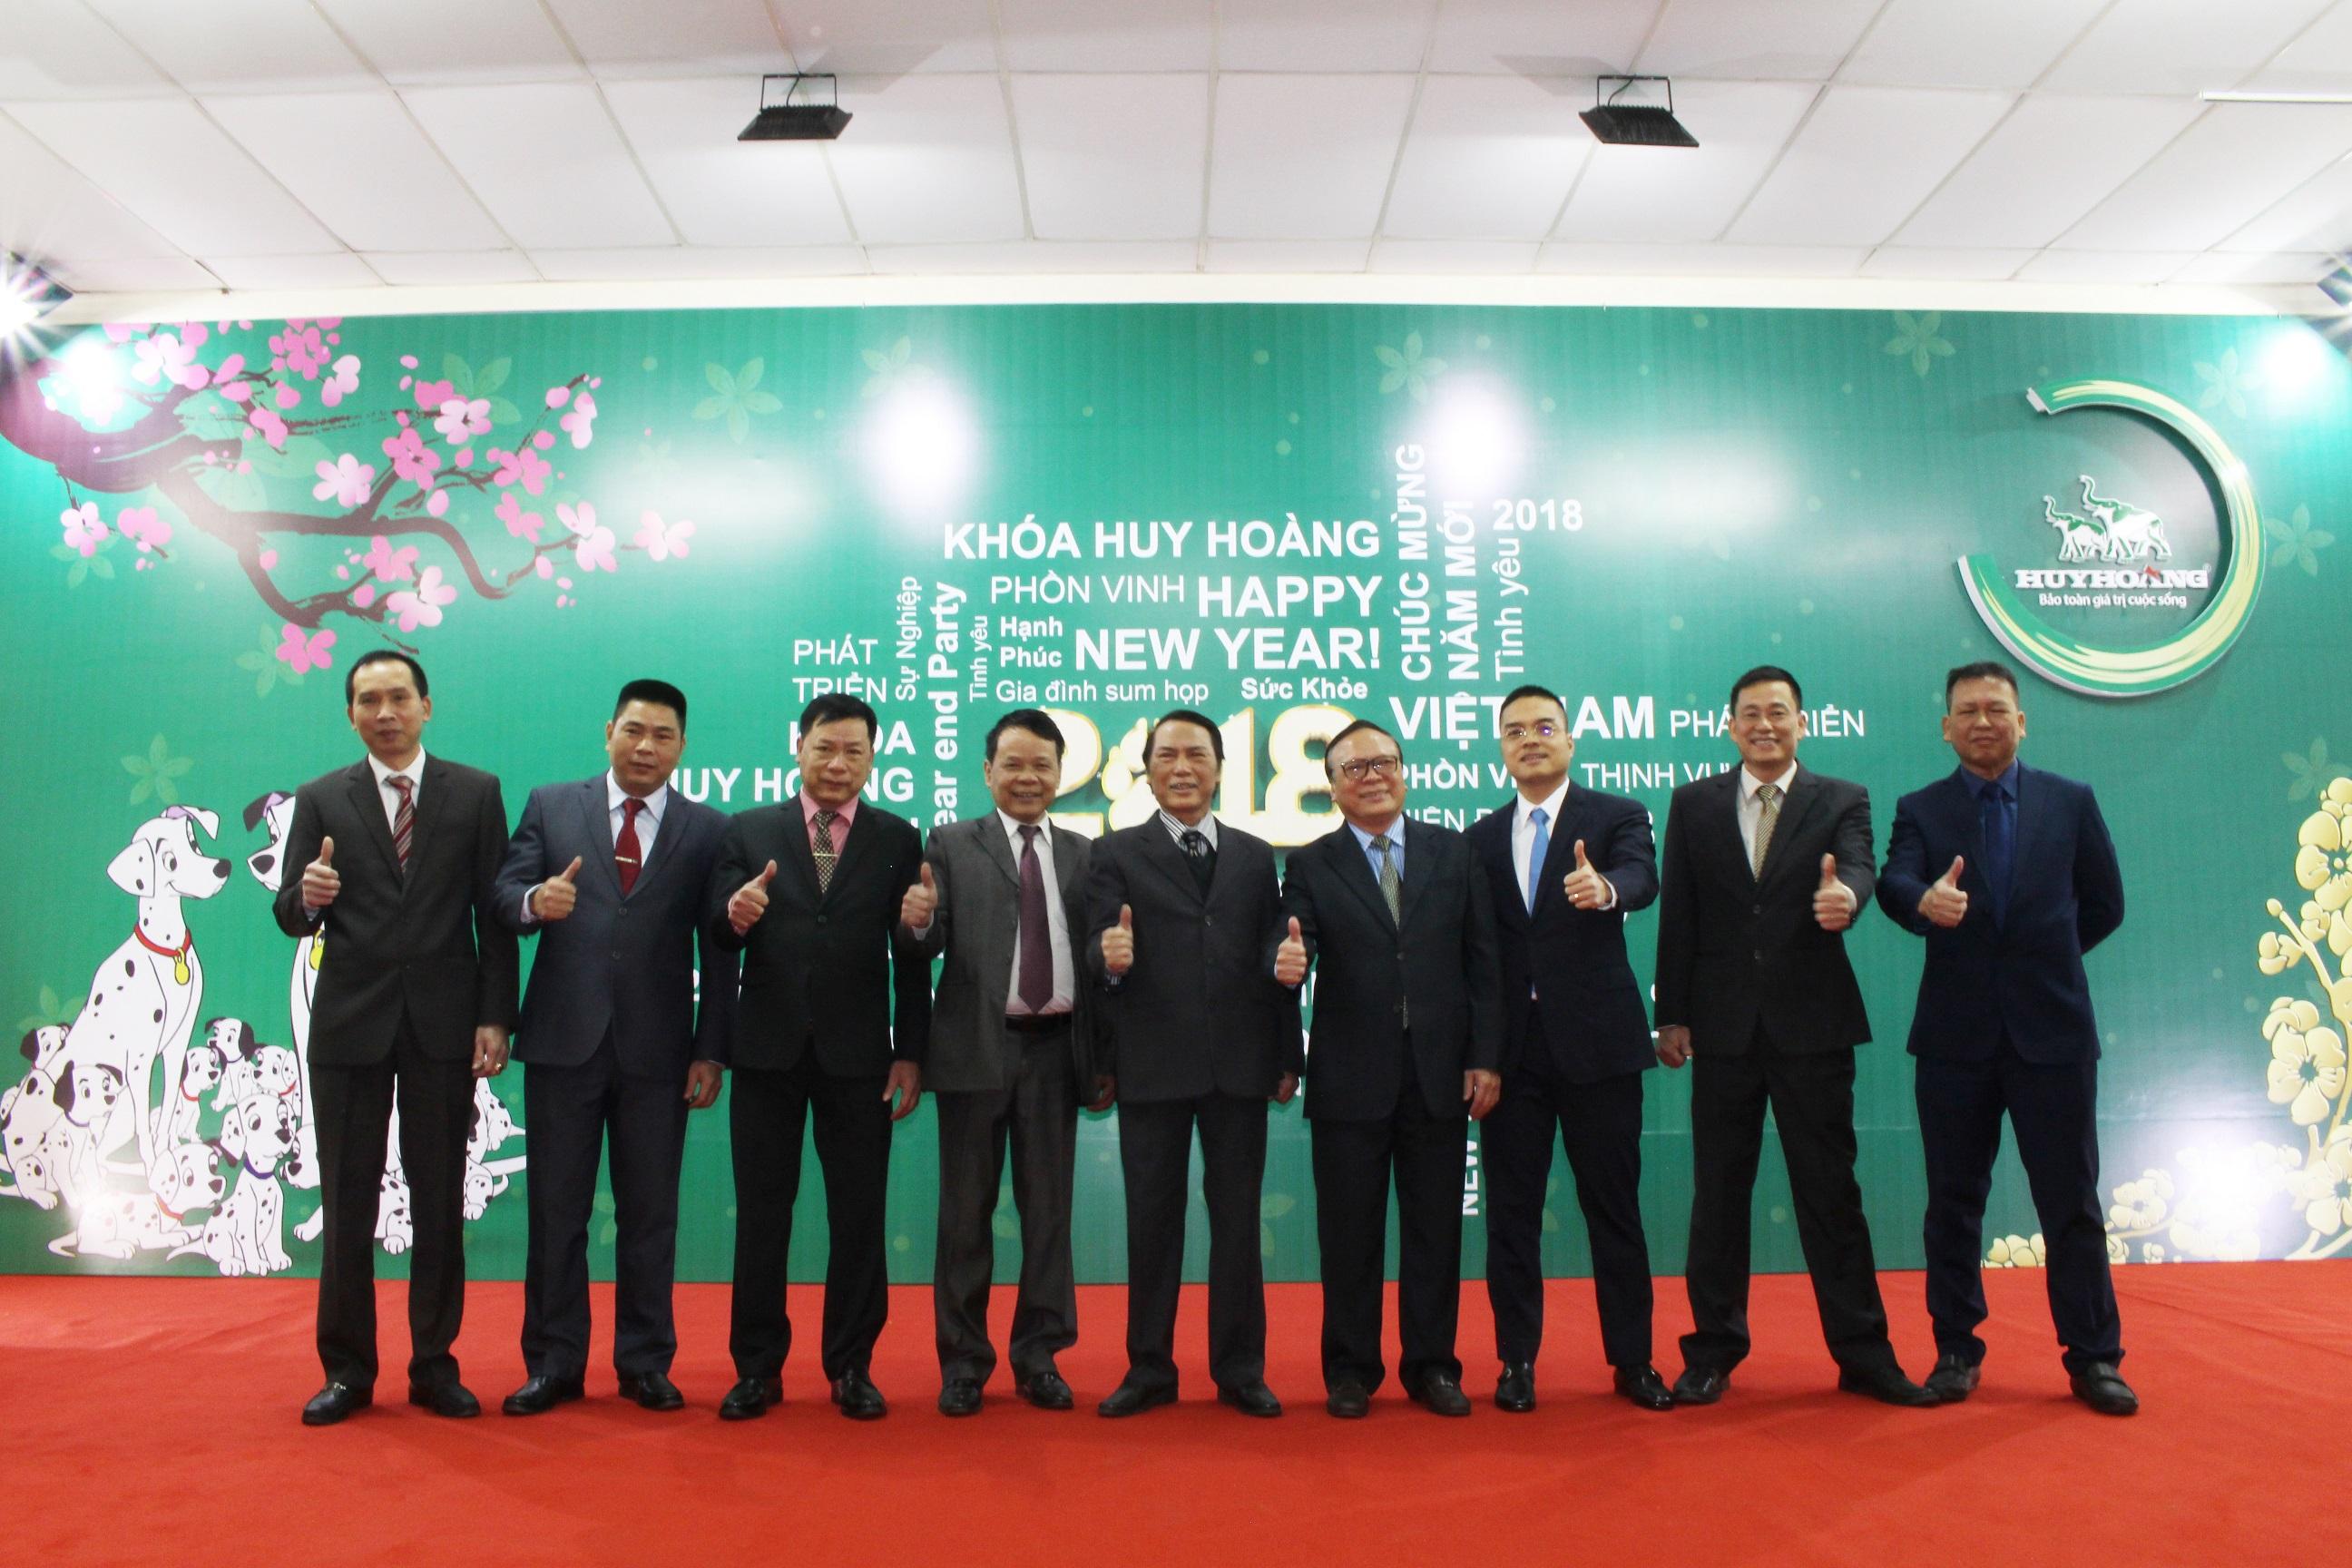 Rộn ràng lễ tổng kết cuối năm của công ty TNHH Khóa Huy Hoàng